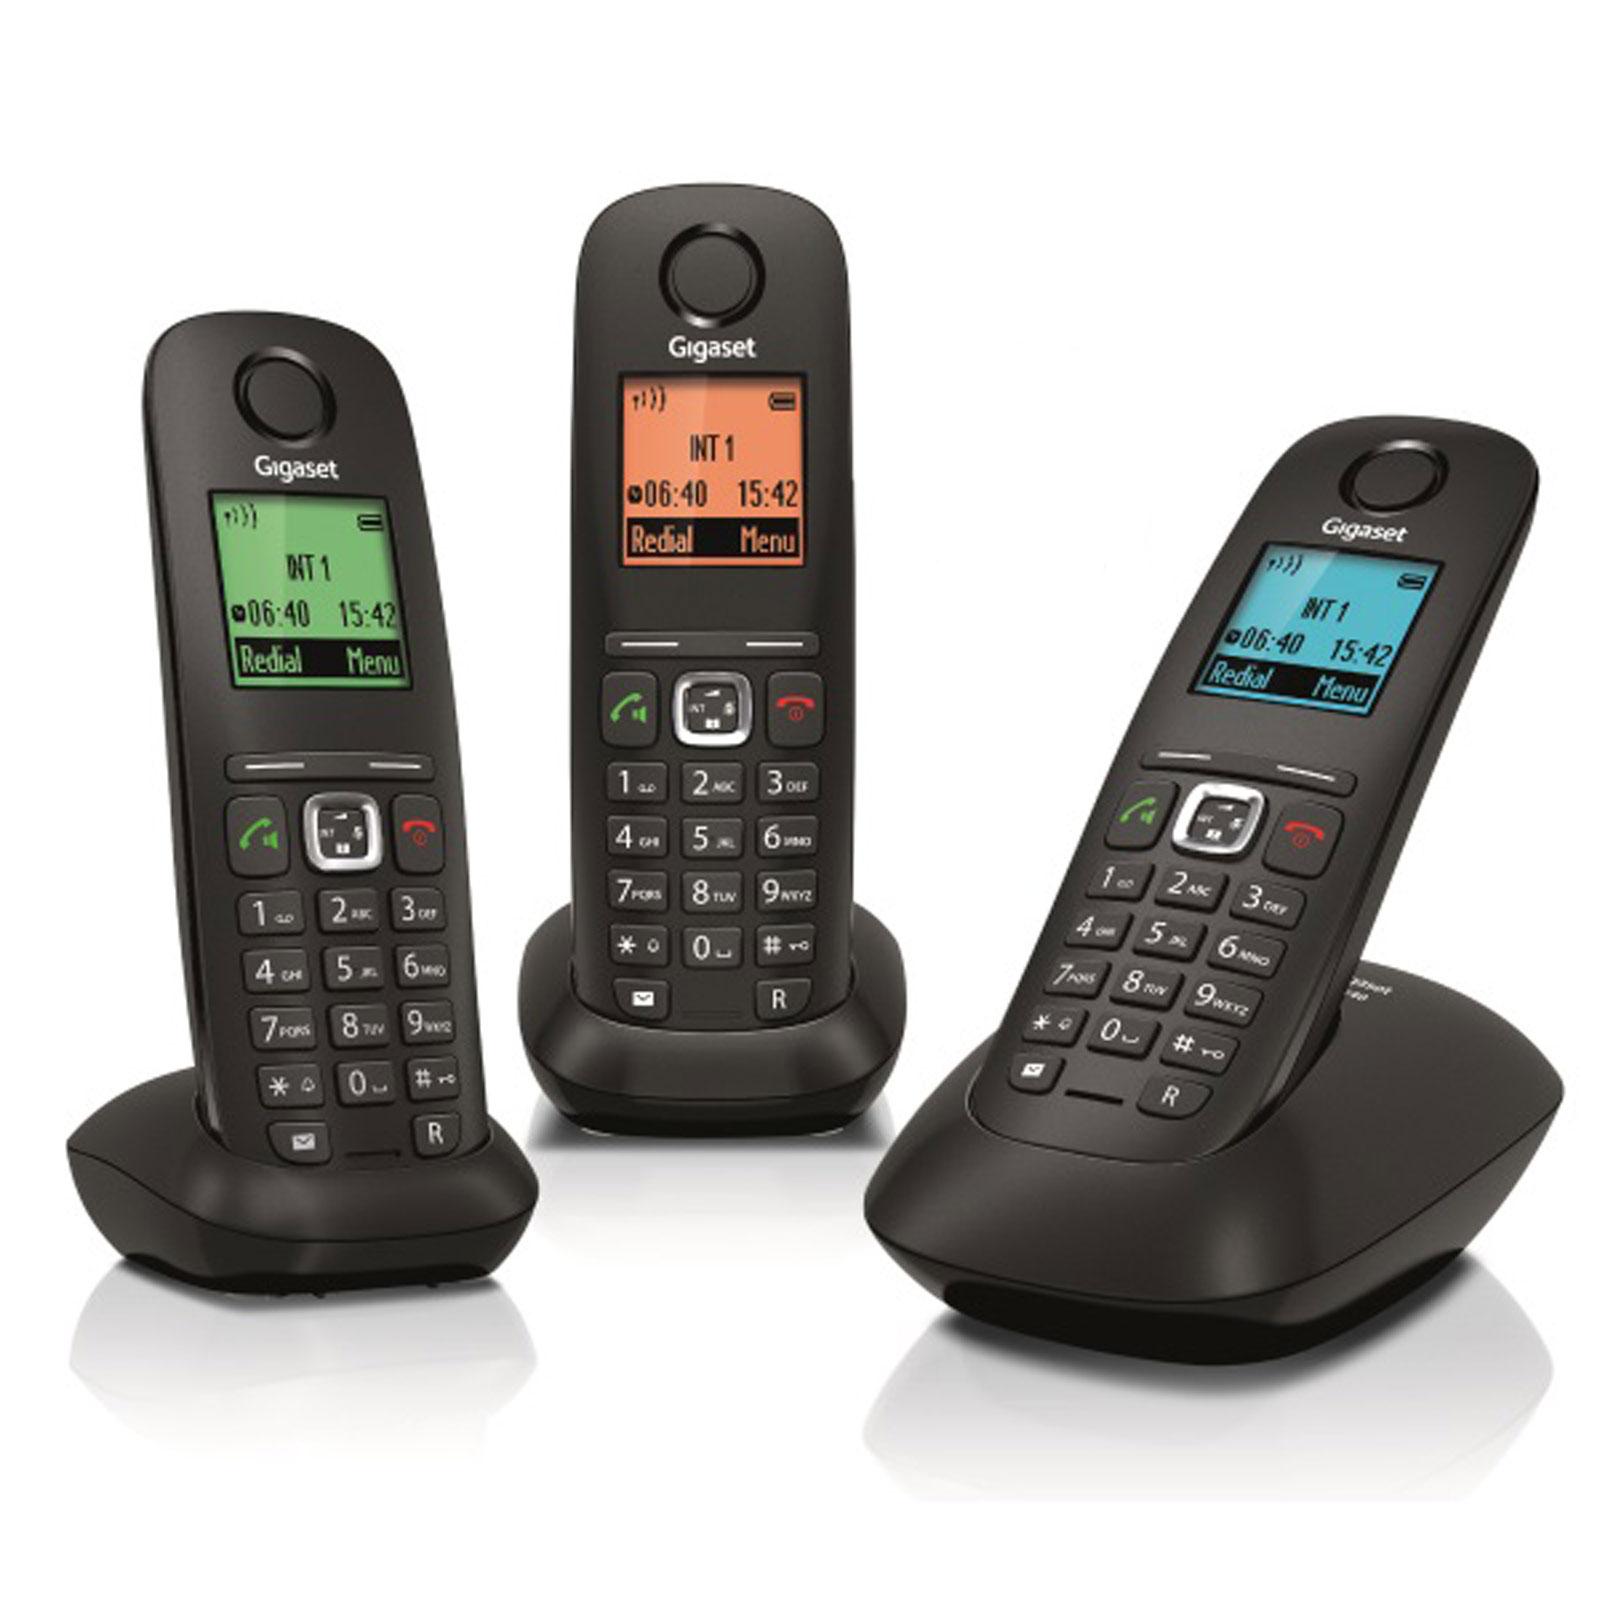 Téléphone sans fil Gigaset A540 Trio Noir Téléphone sans fil DECT avec 2 combinés supplémentaires - Ecran 4 couleurs (version française)